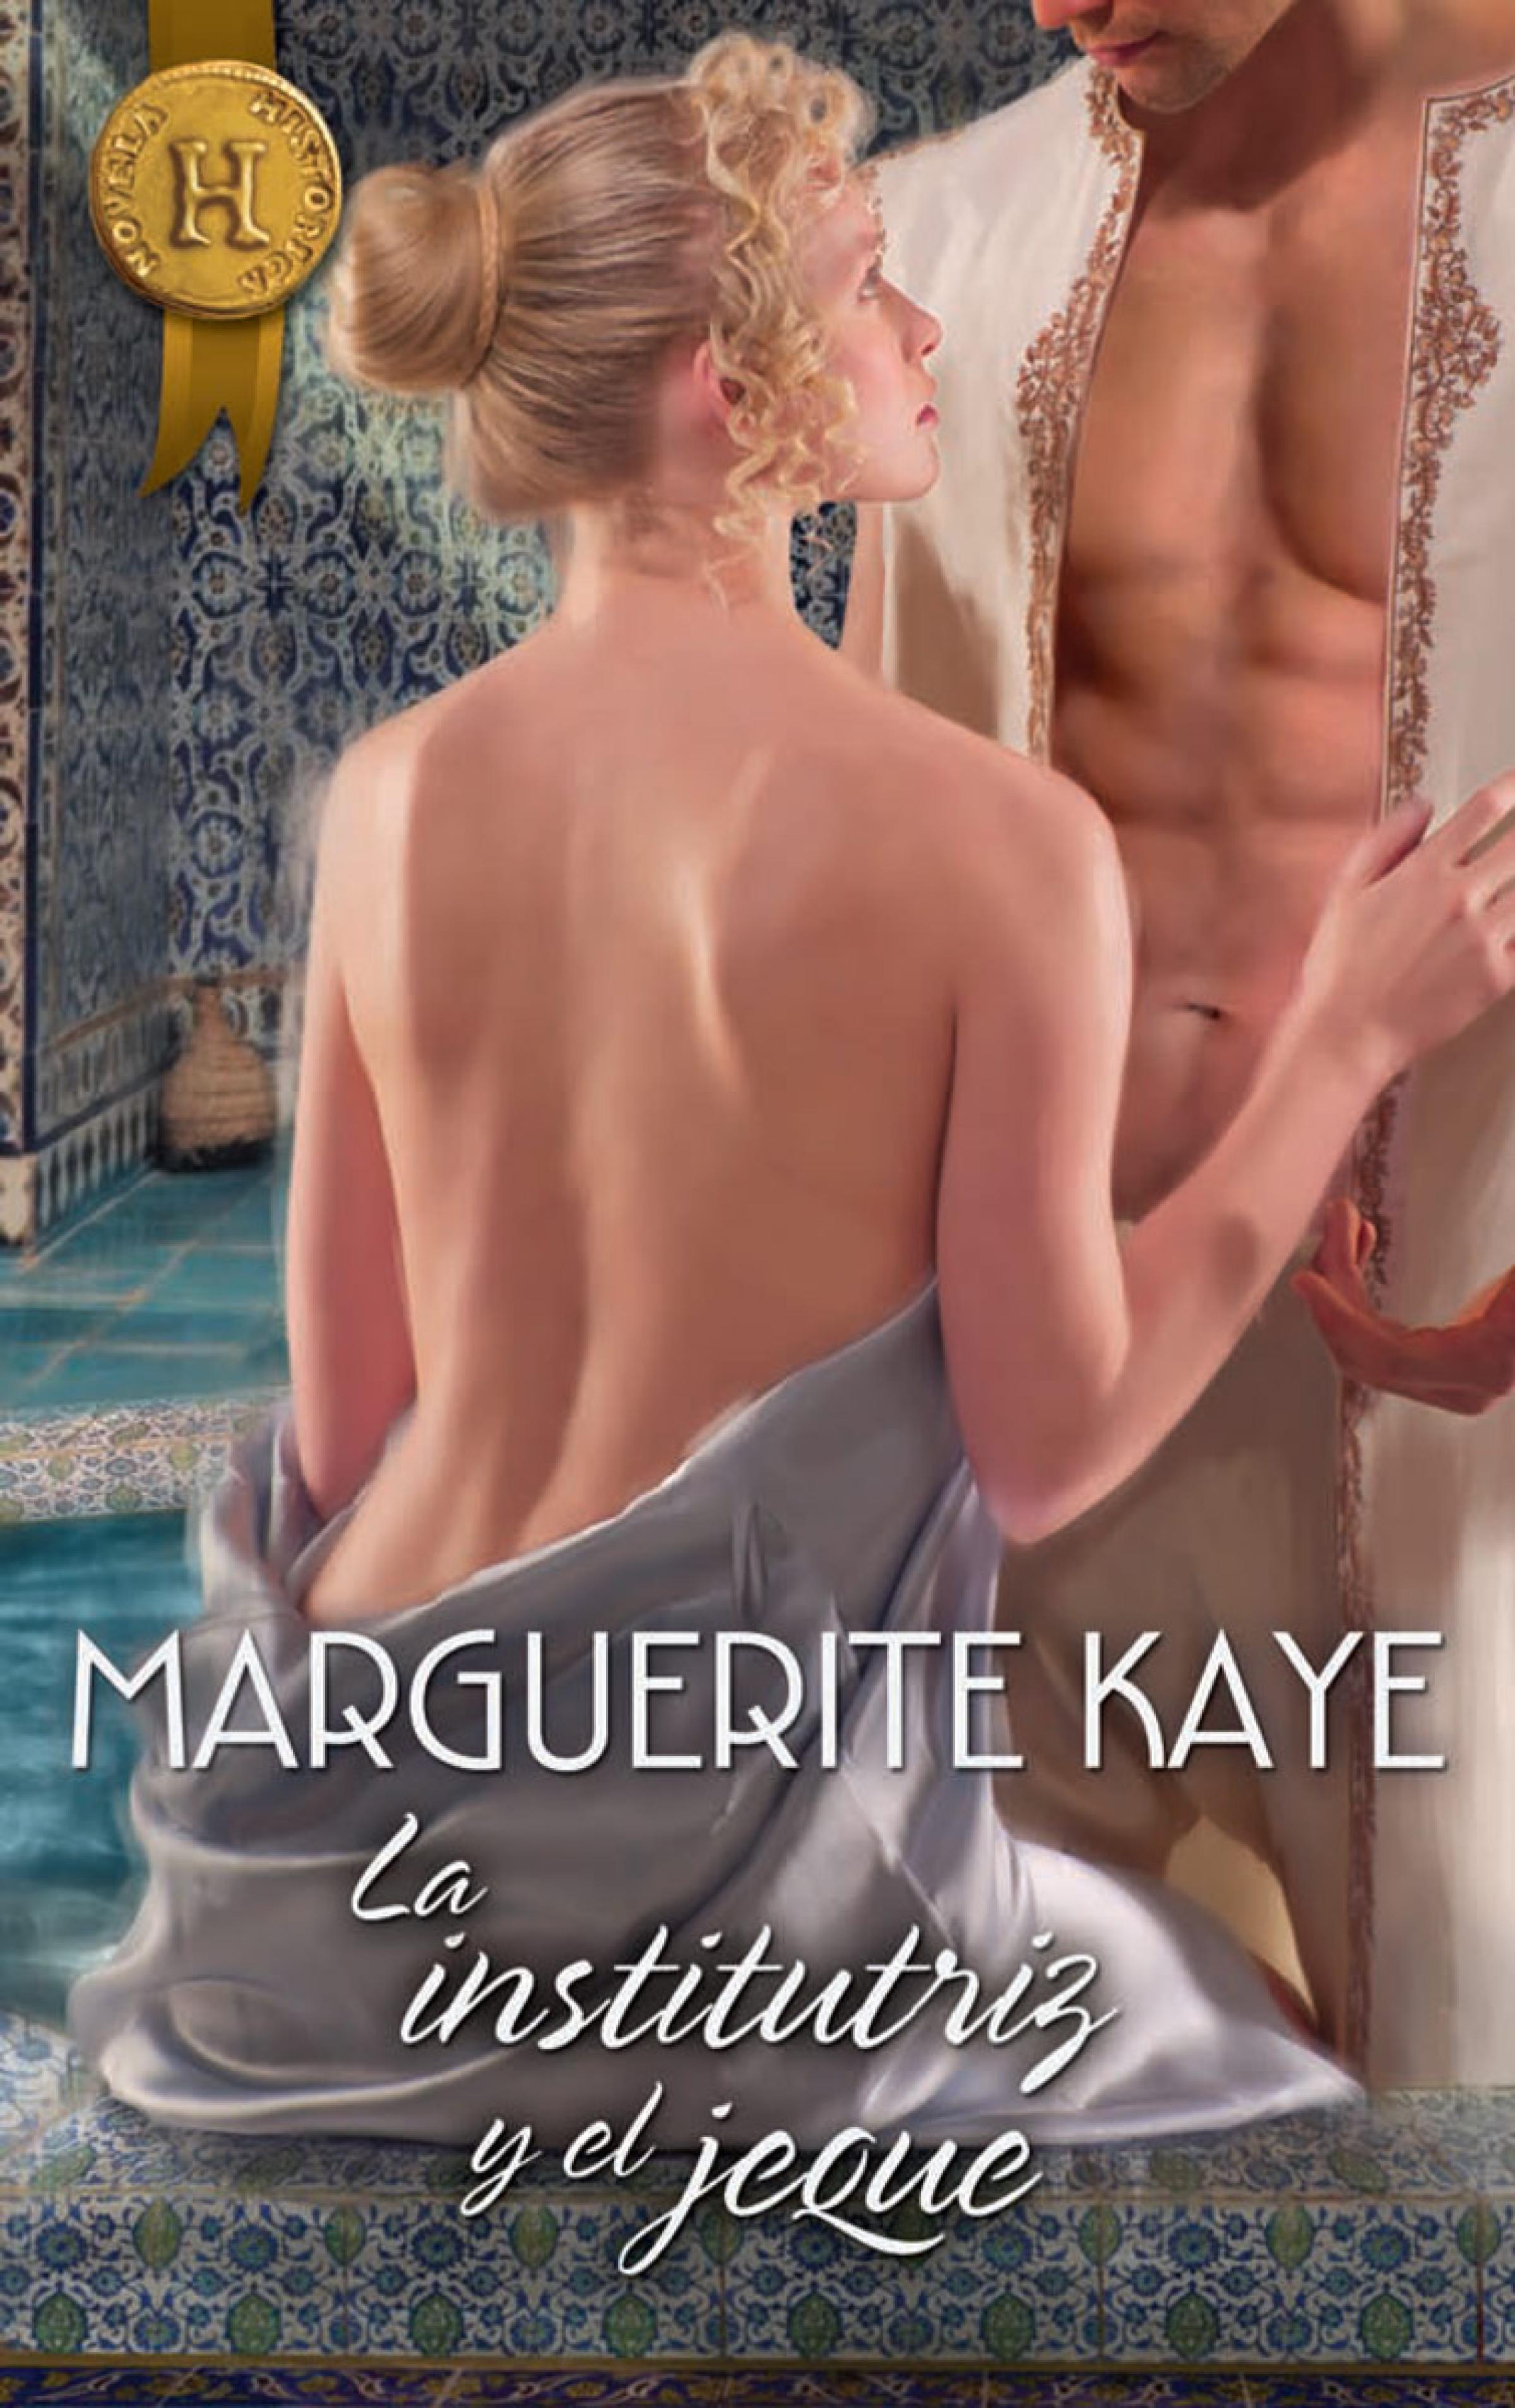 Marguerite Kaye La institutriz y el jeque недорого